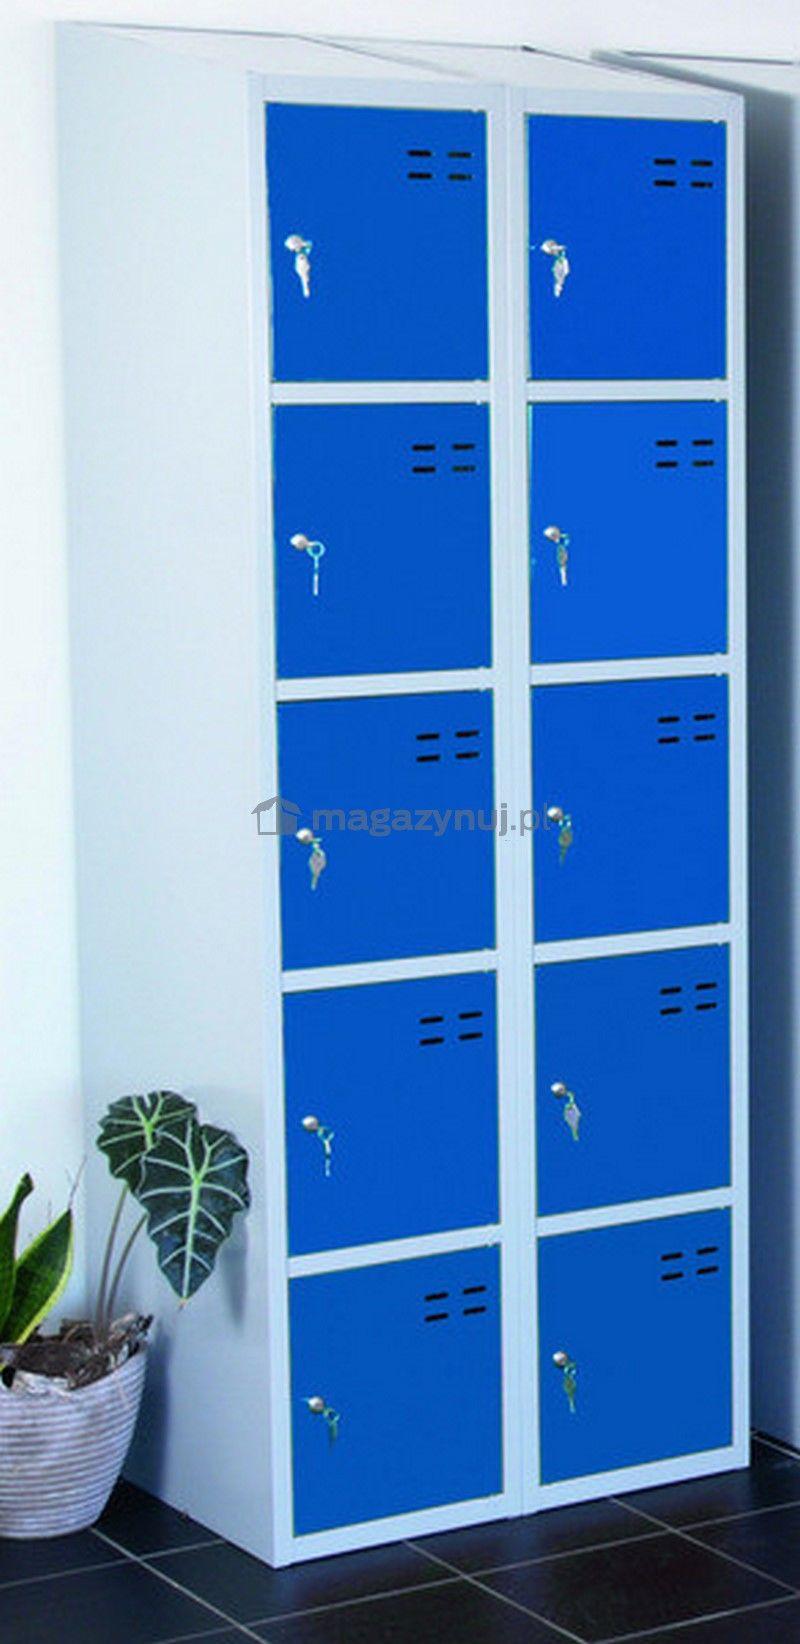 Szafka magazynowa wym. 1920x700x550 mm (kolor: niebieski)